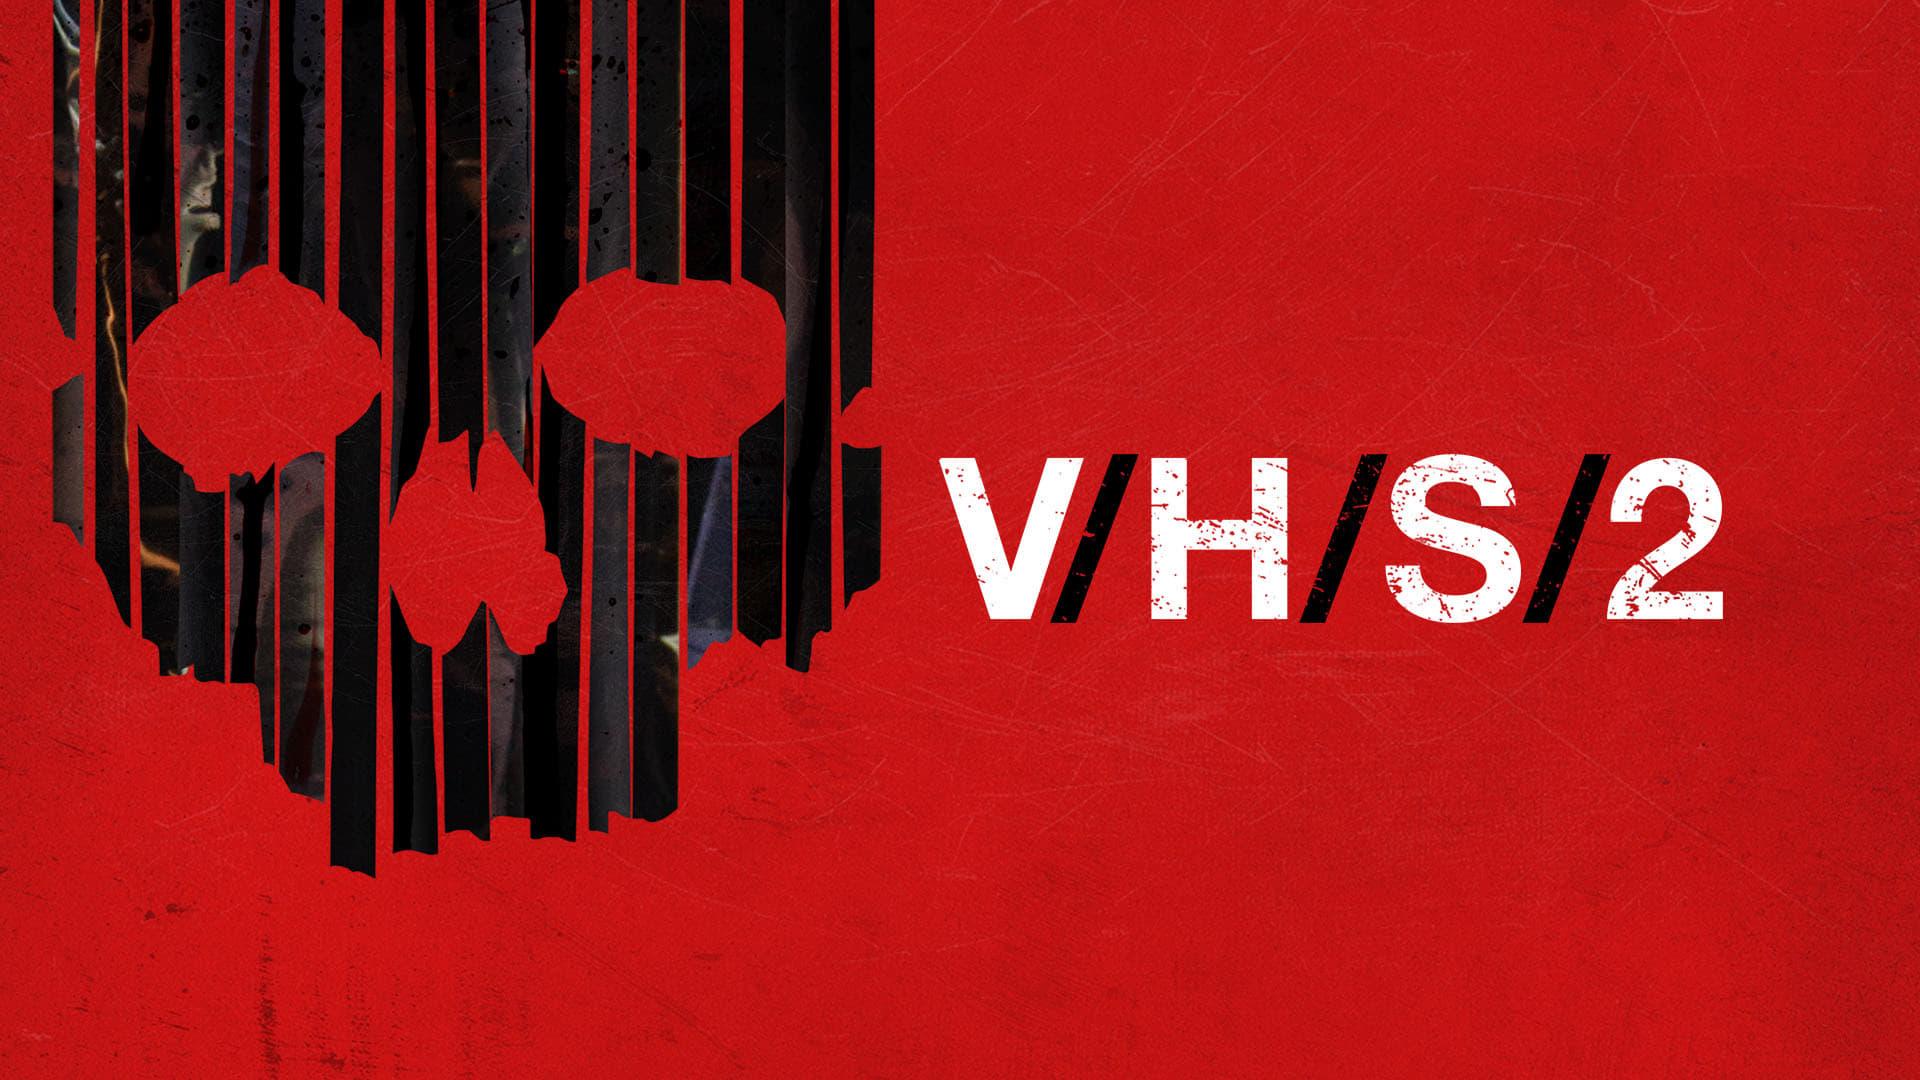 VHS: Las crónicas del miedo 2